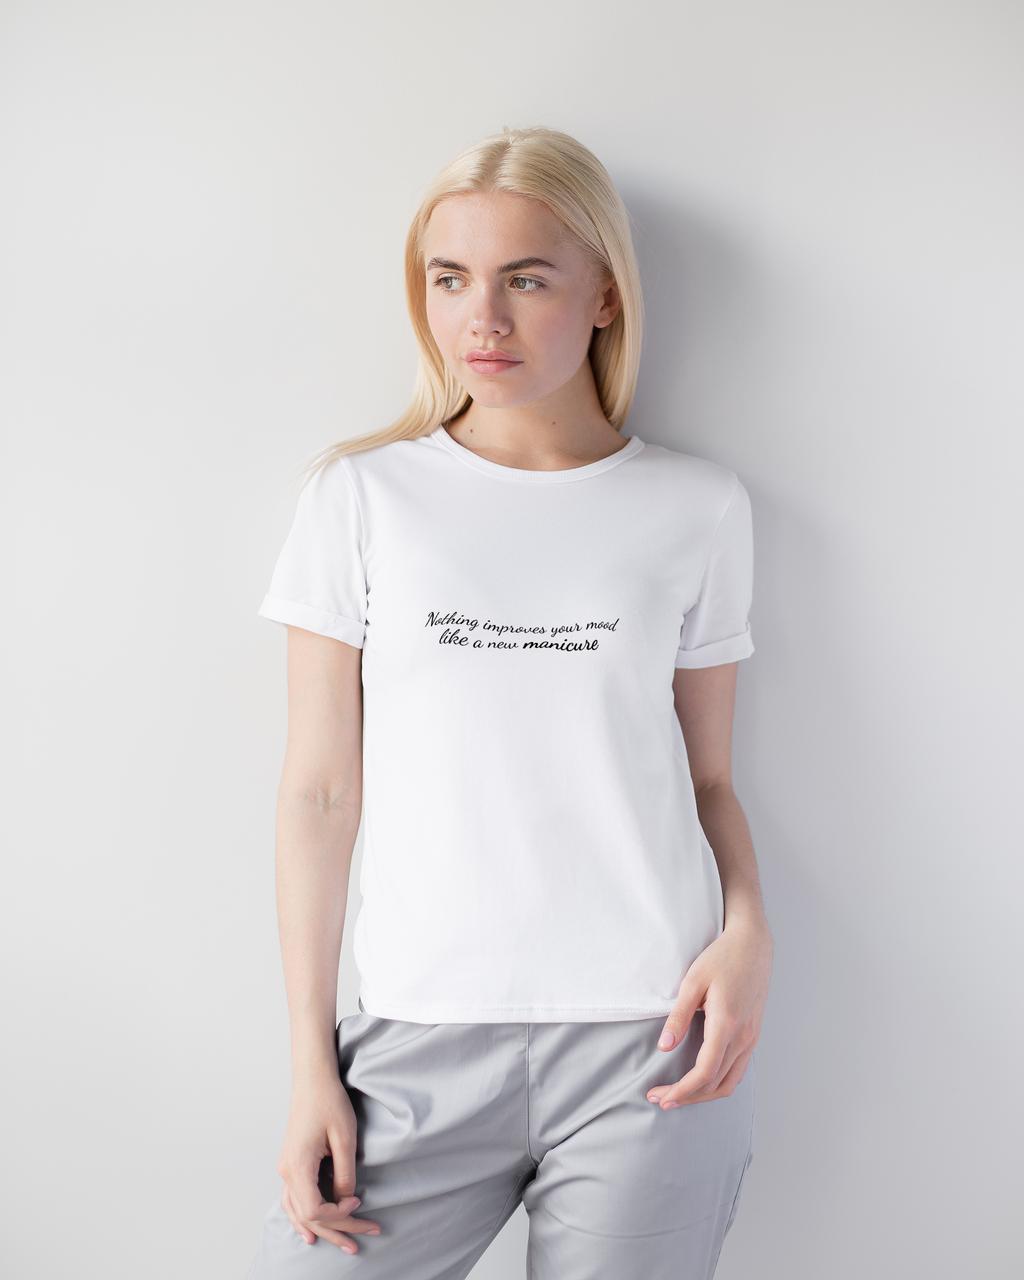 Женская футболка Модерн, белый принт Manicure